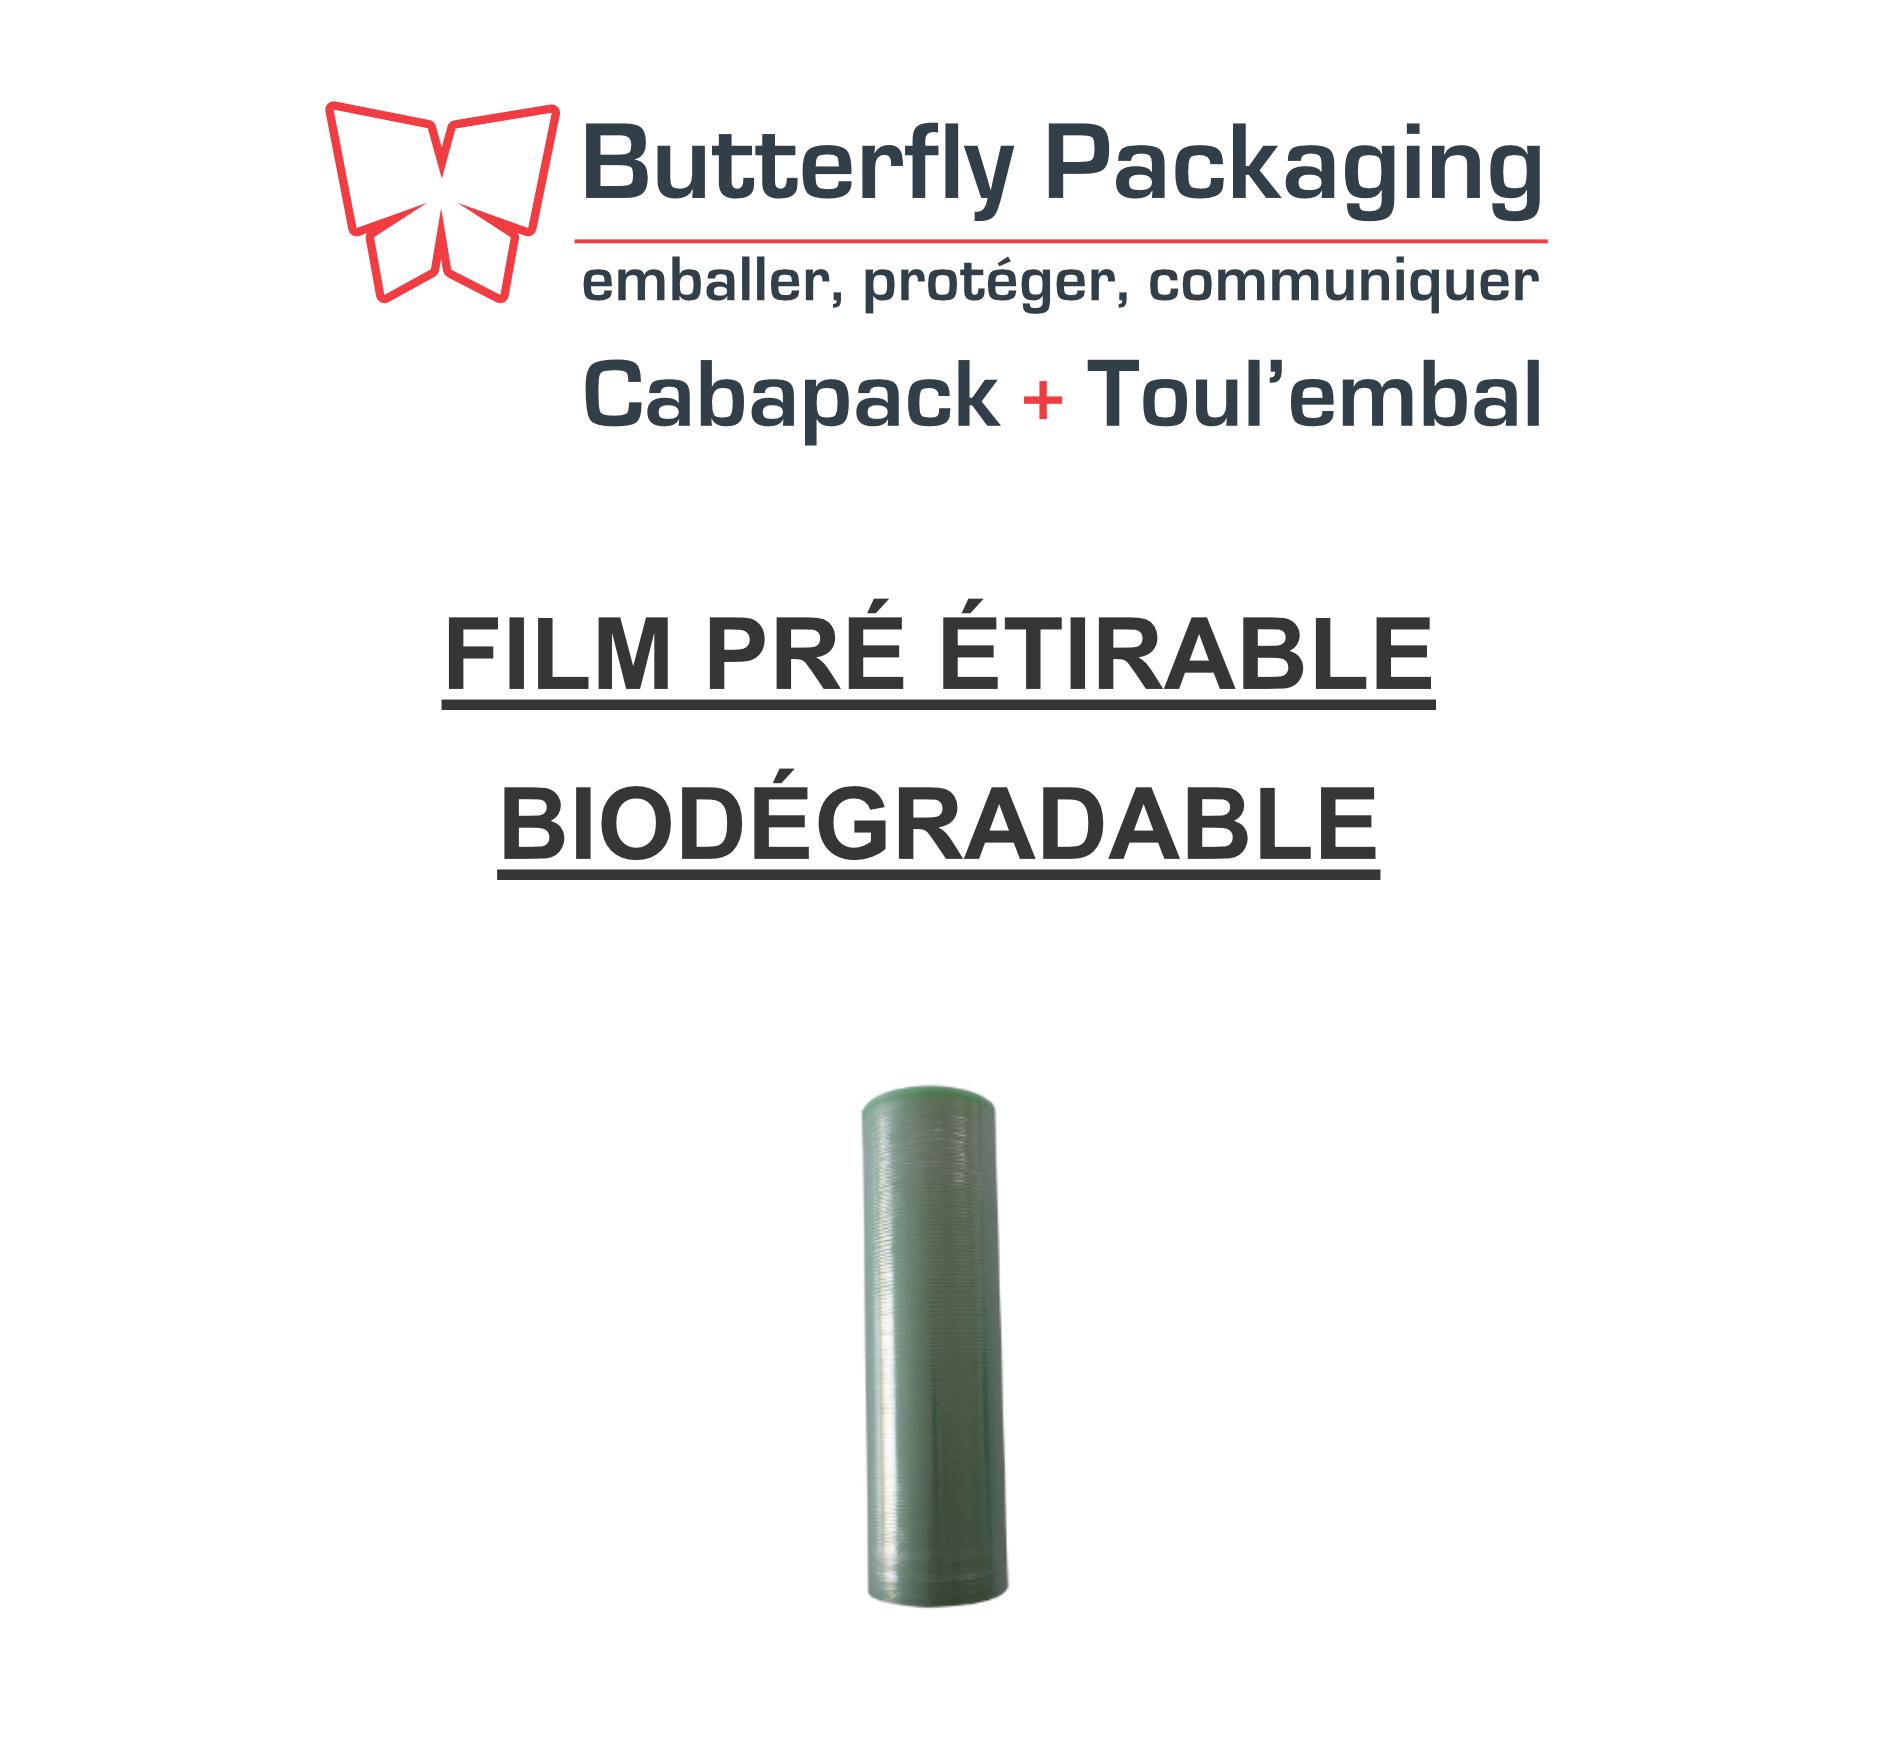 Le saviez-vous ? Une solution économique et écologique : le film pré-étirable biodégradable.